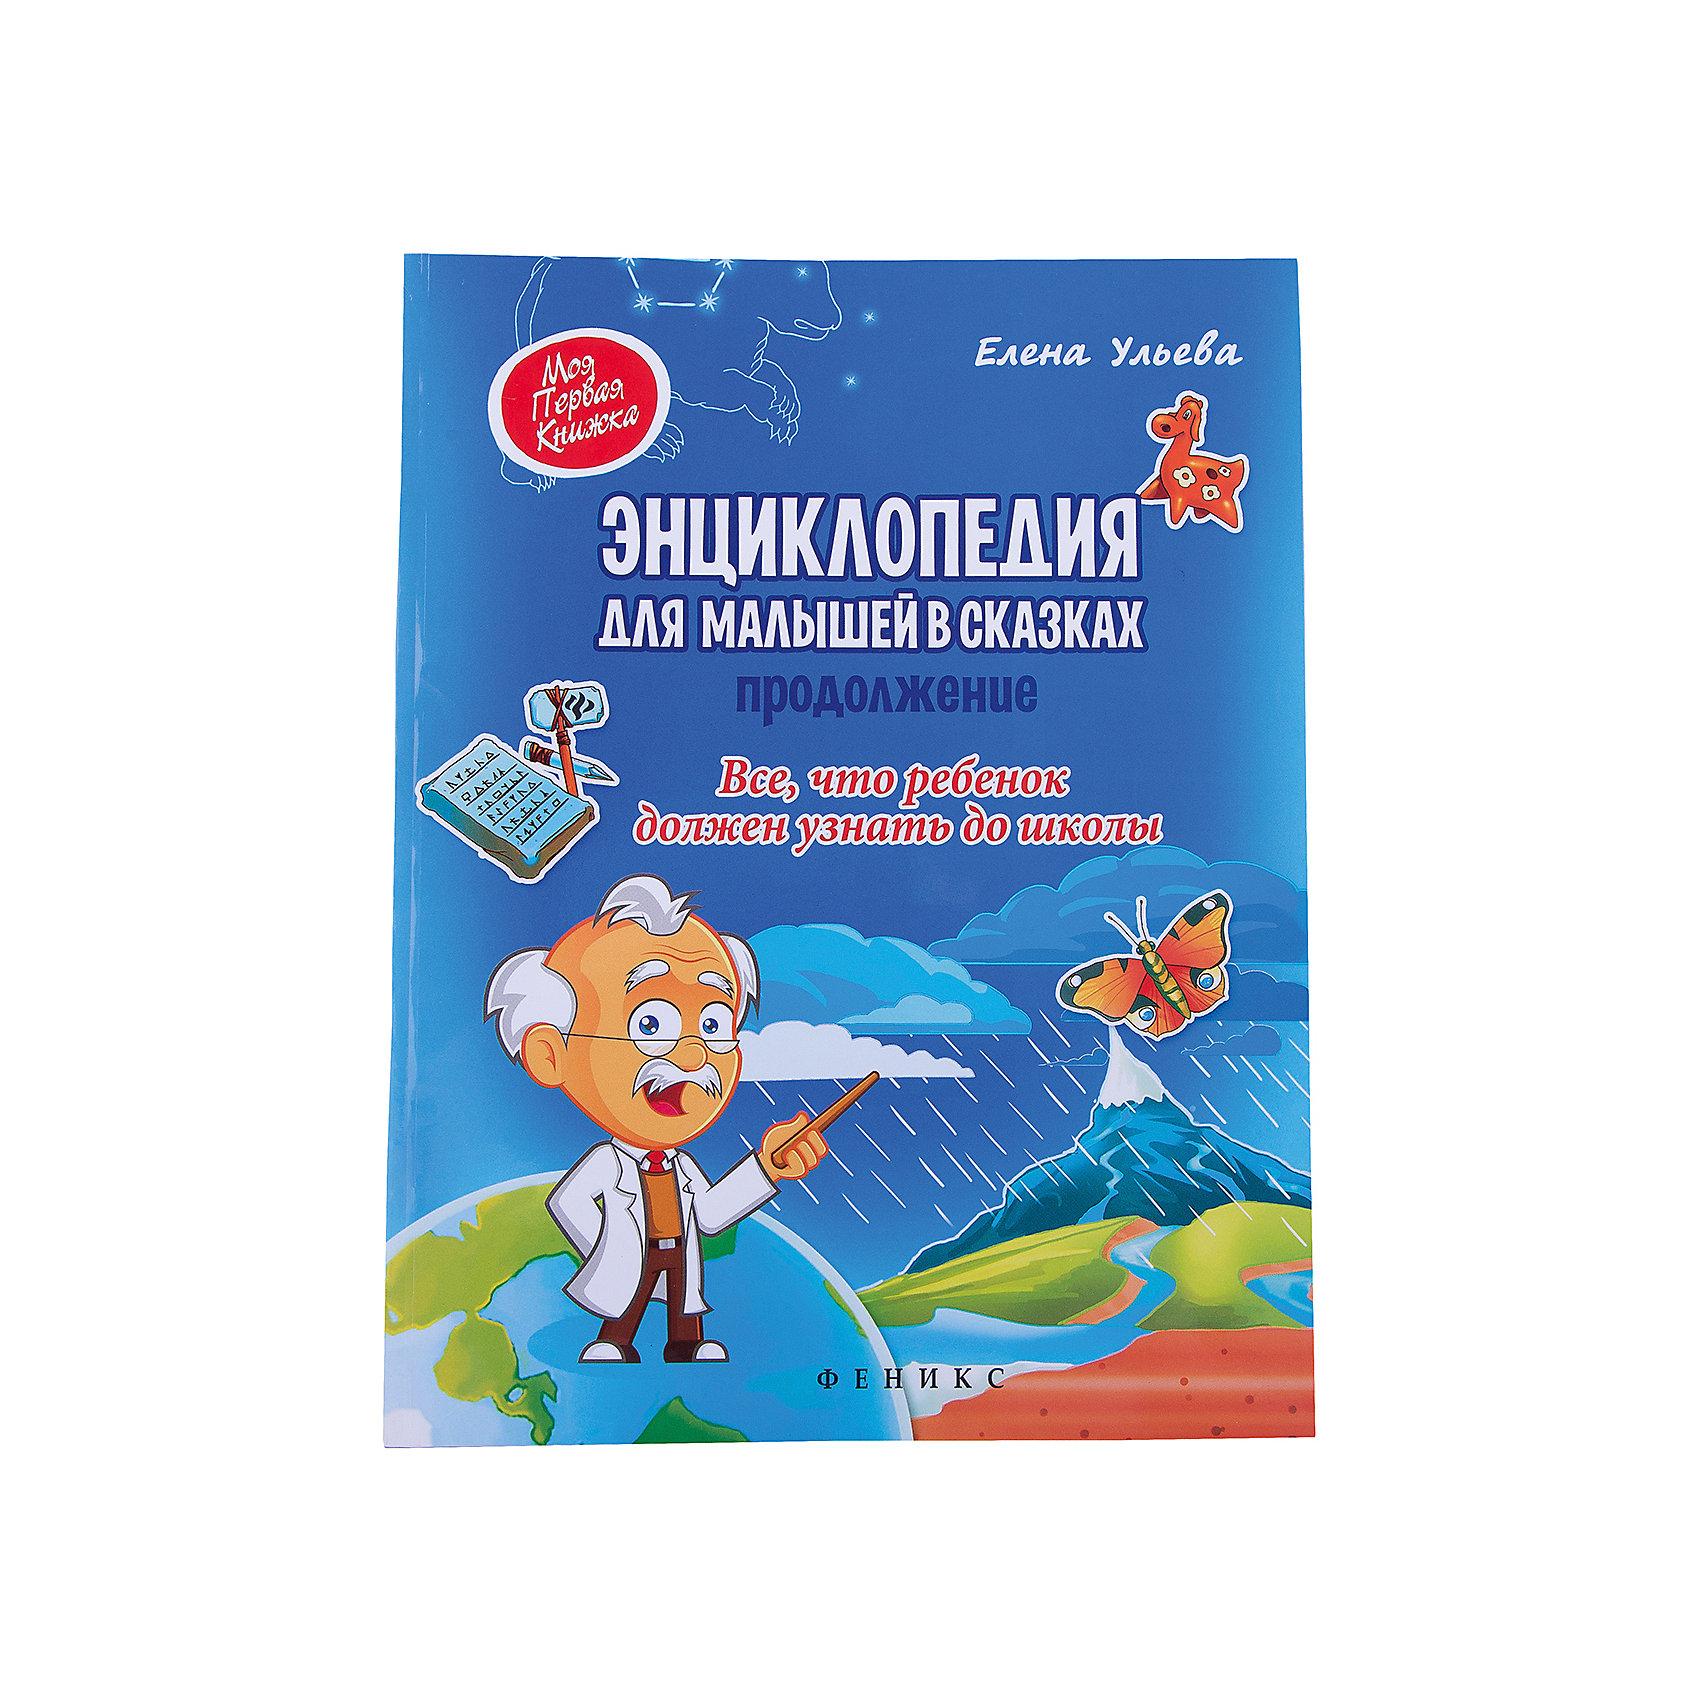 Fenix Энциклопедия для малышей в сказках (Продолжение) fenix правила безопасности дома для малышей